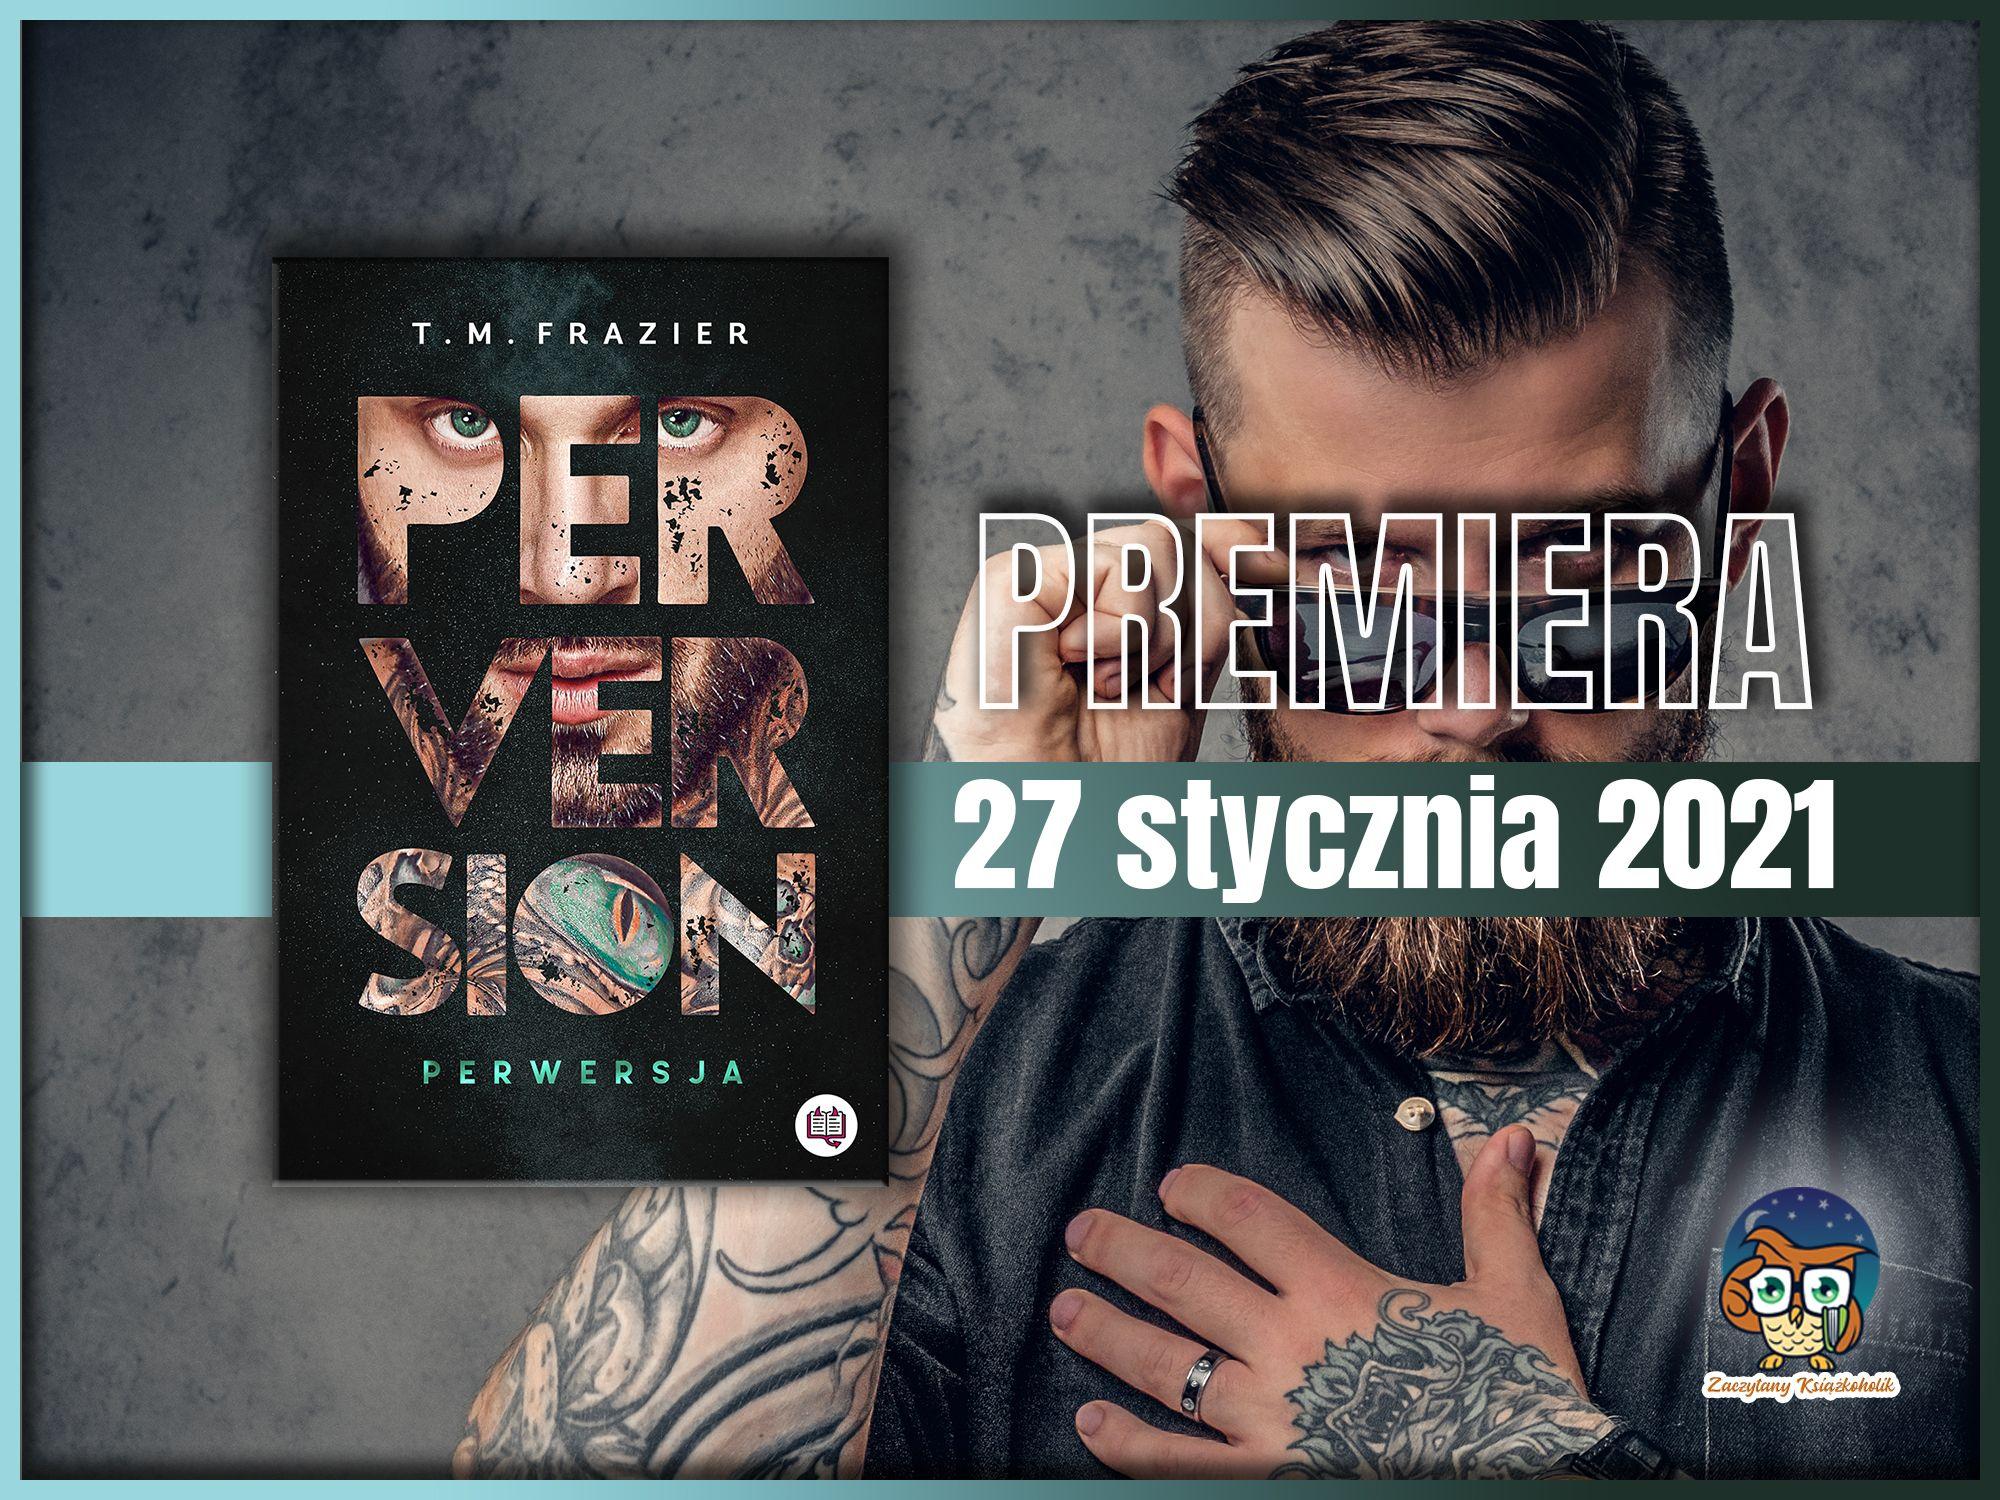 Perversion. Perwersja, T.M. Frazier, zaczytanyksiazkoholik.pl